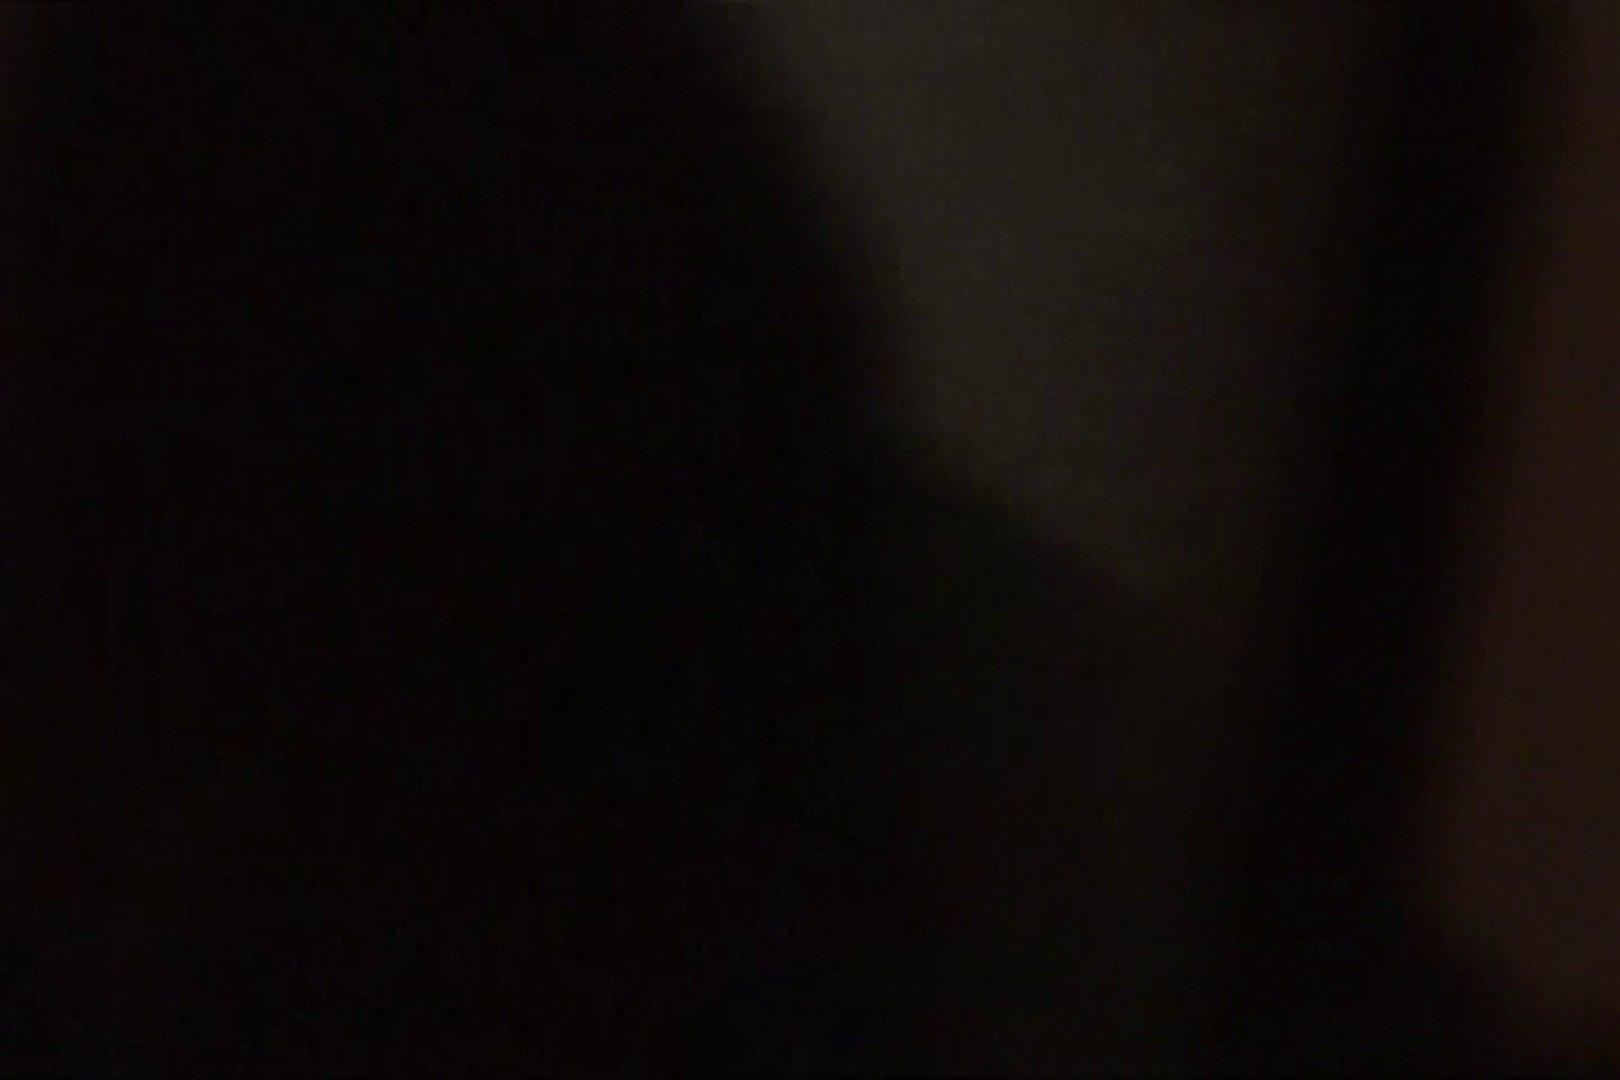 独占配信! ●罪証拠DVD 起きません! vol.08 美しいOLの裸体 スケベ動画紹介 88pic 44